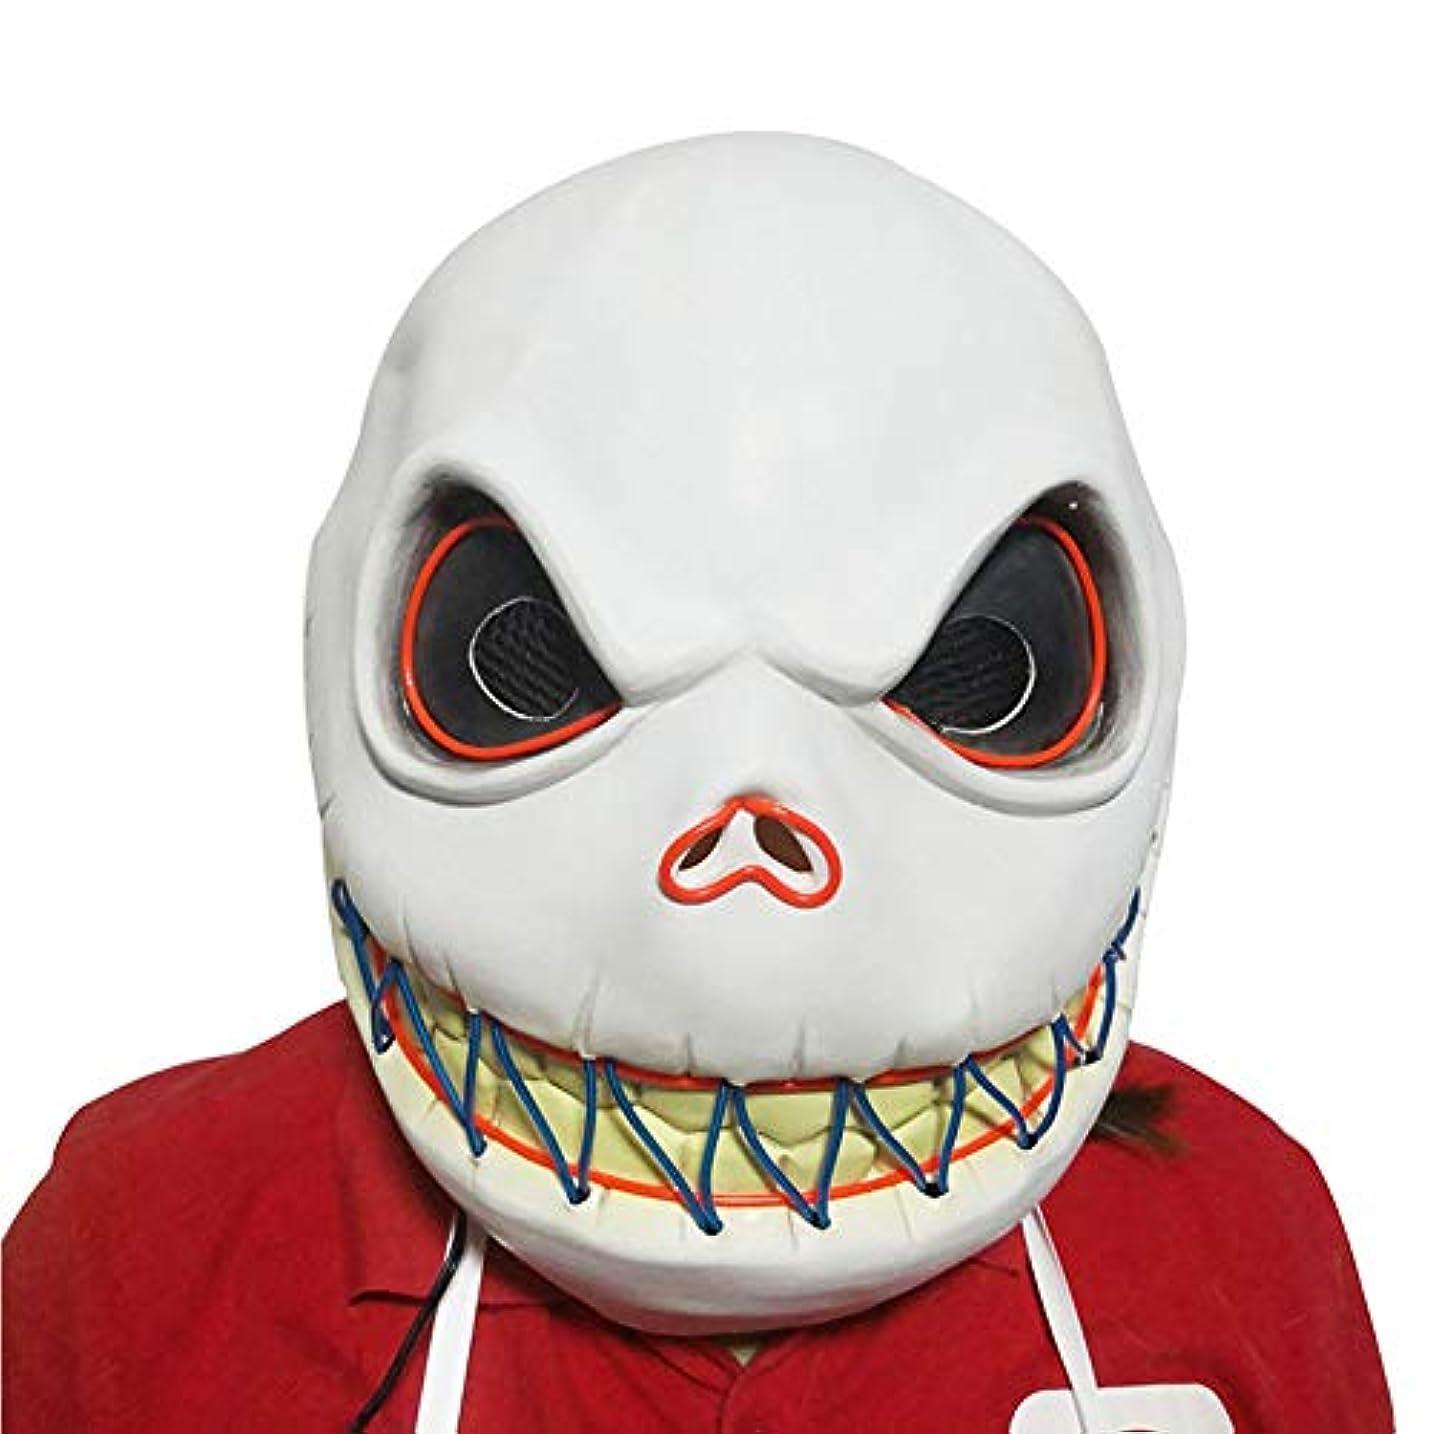 ディレクター迫害漫画ハロウィーンマスク、顔をしかめるラテックスマスク、ハロウィーン、テーマパーティー、カーニバル、レイブパーティーに適しています。